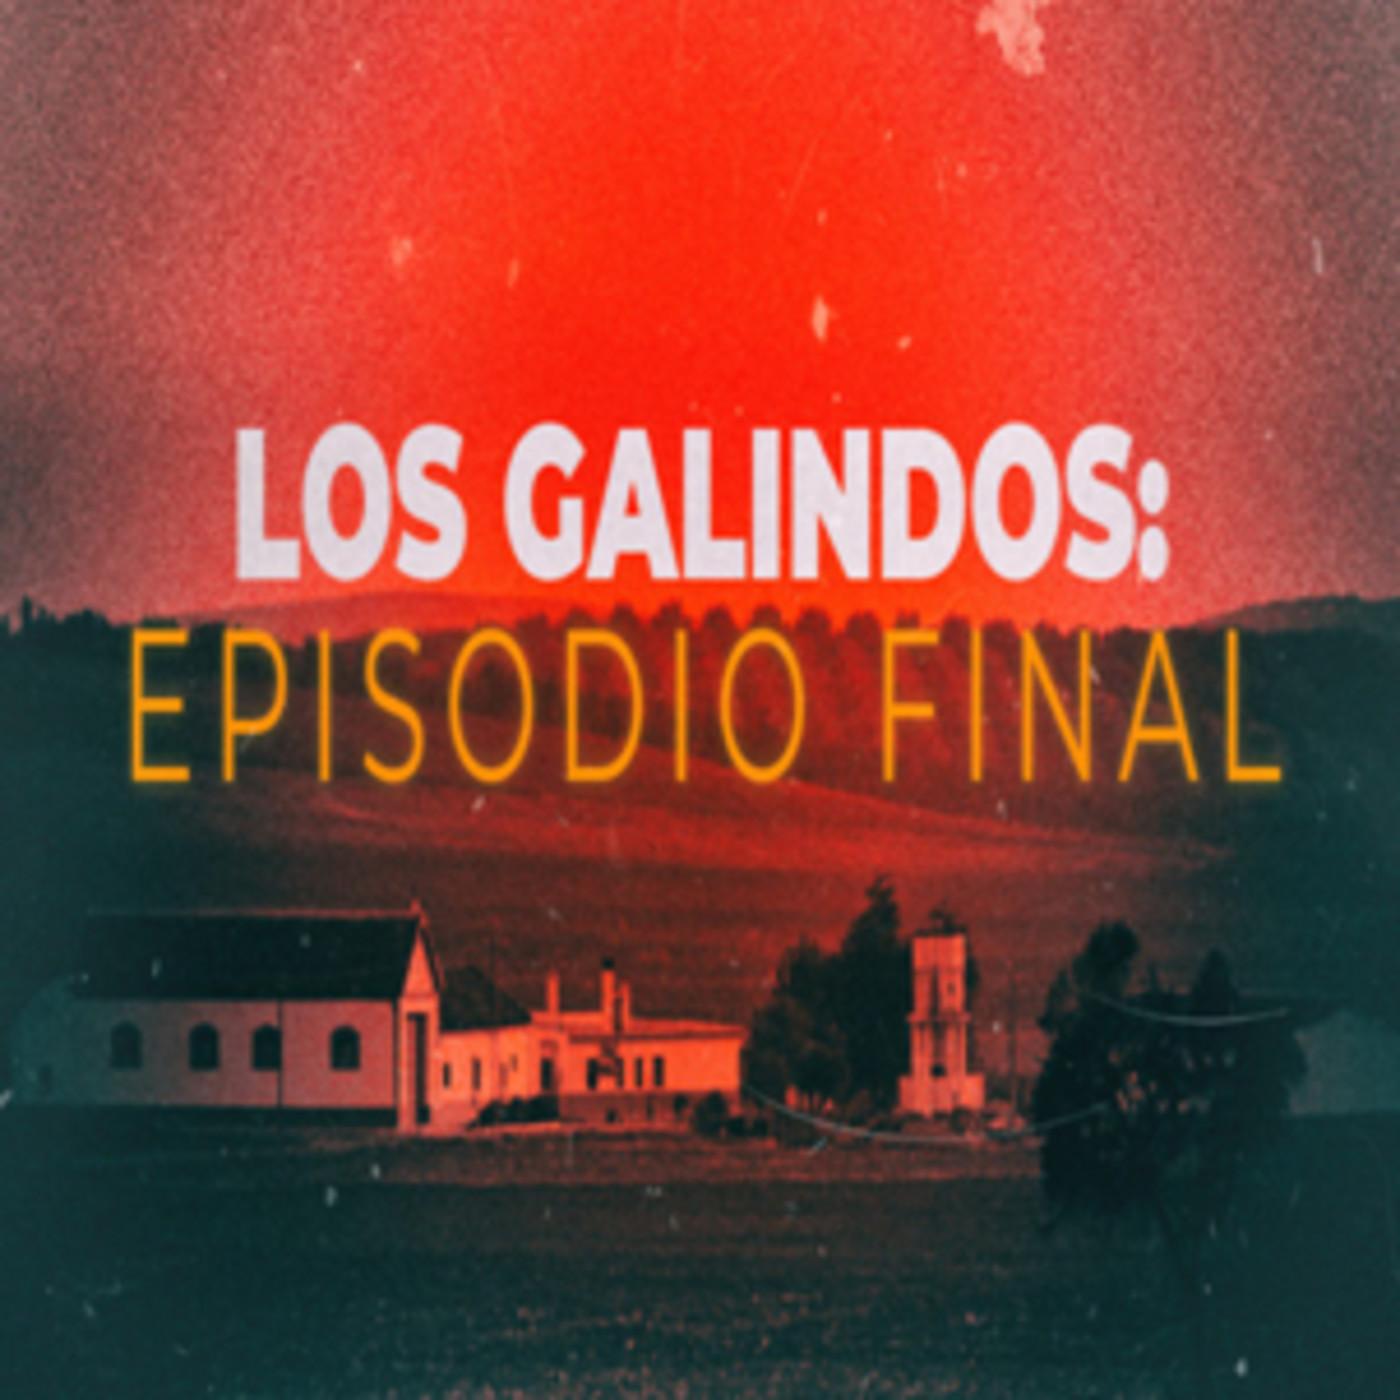 Cuarto milenio: Los Galindos,episodio final en Cuarto ...